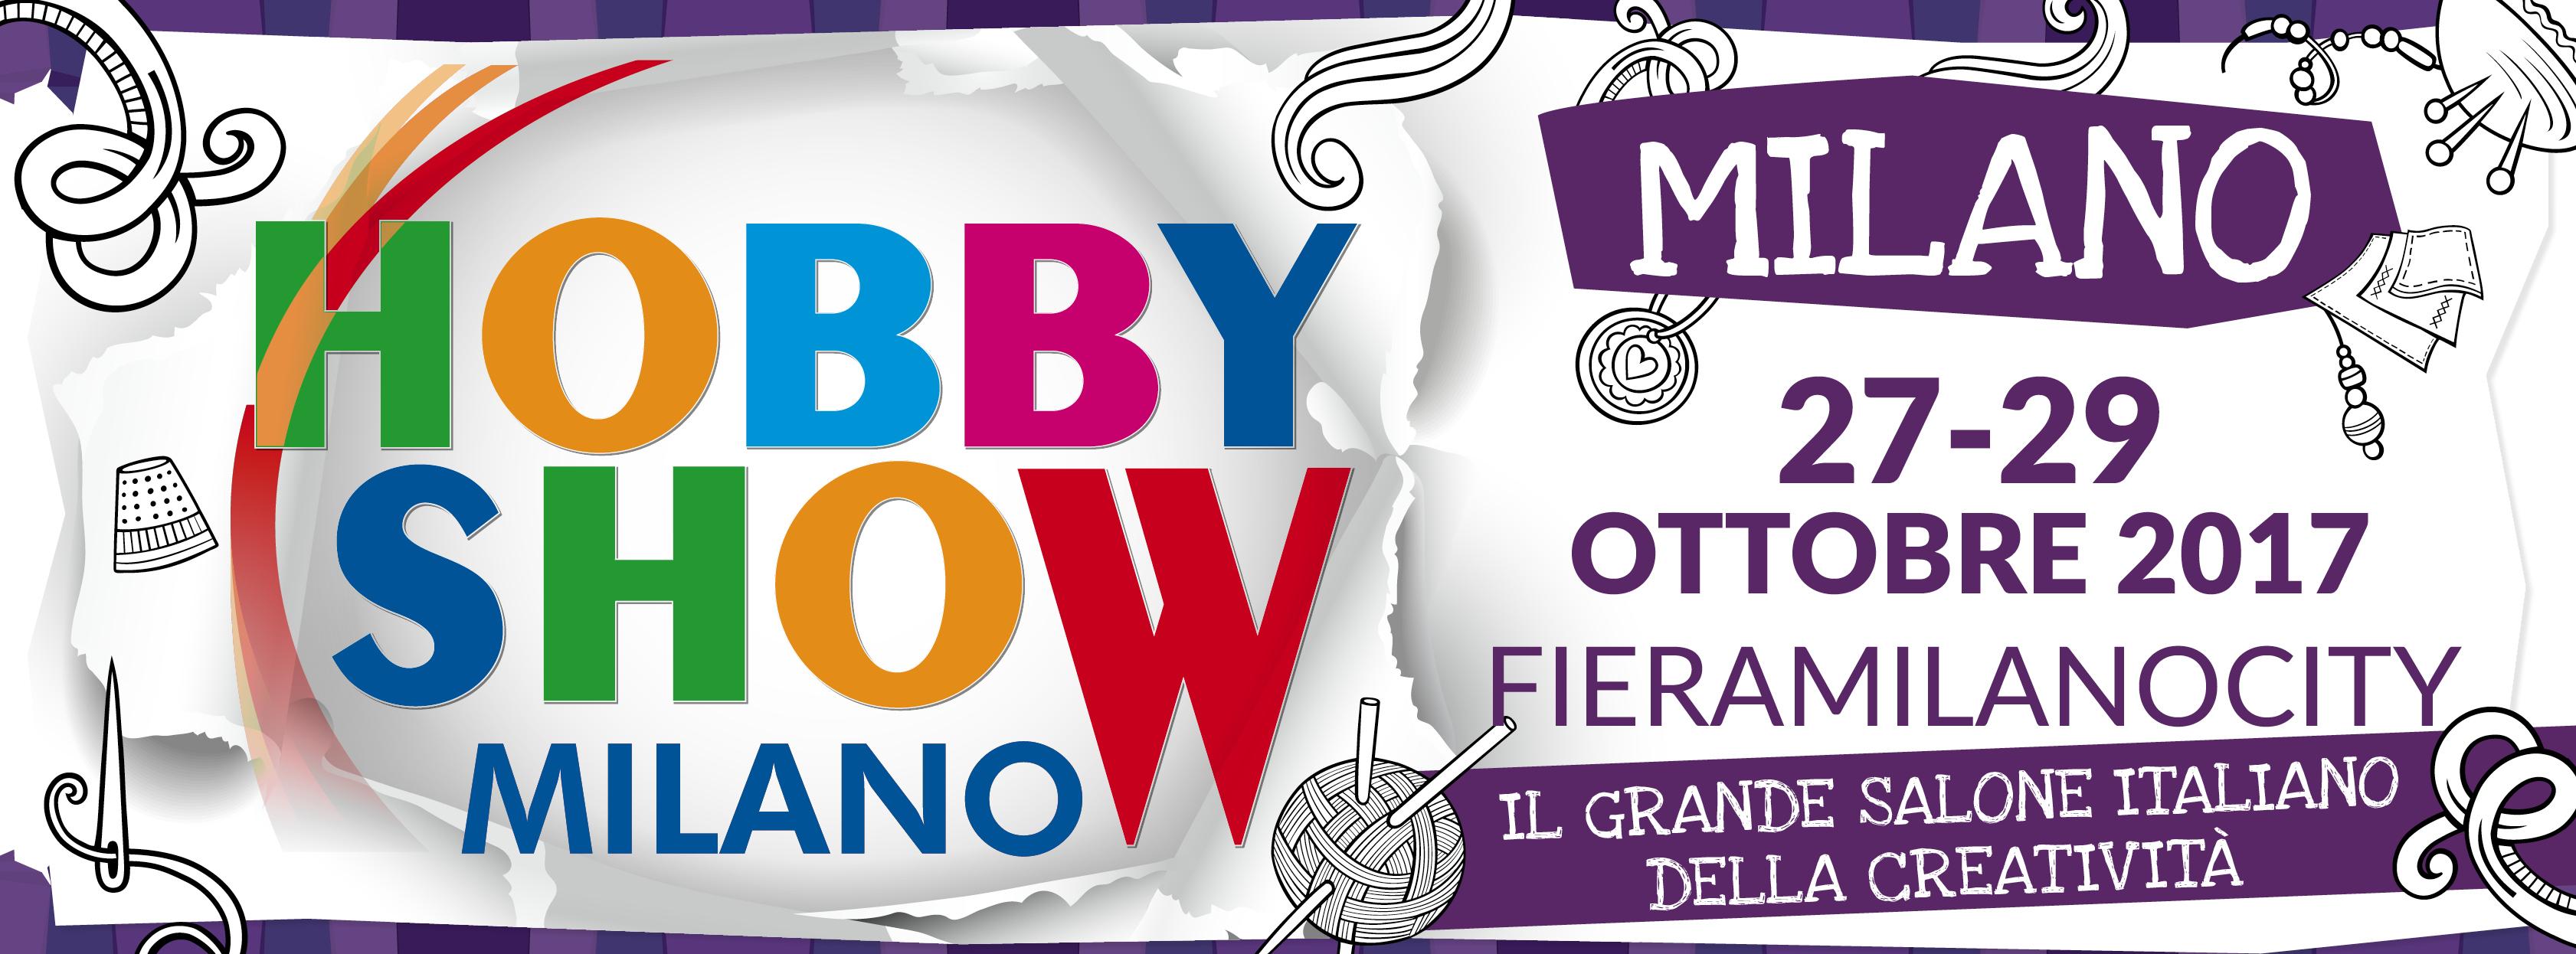 Hobby Show Milano ottobre 2017